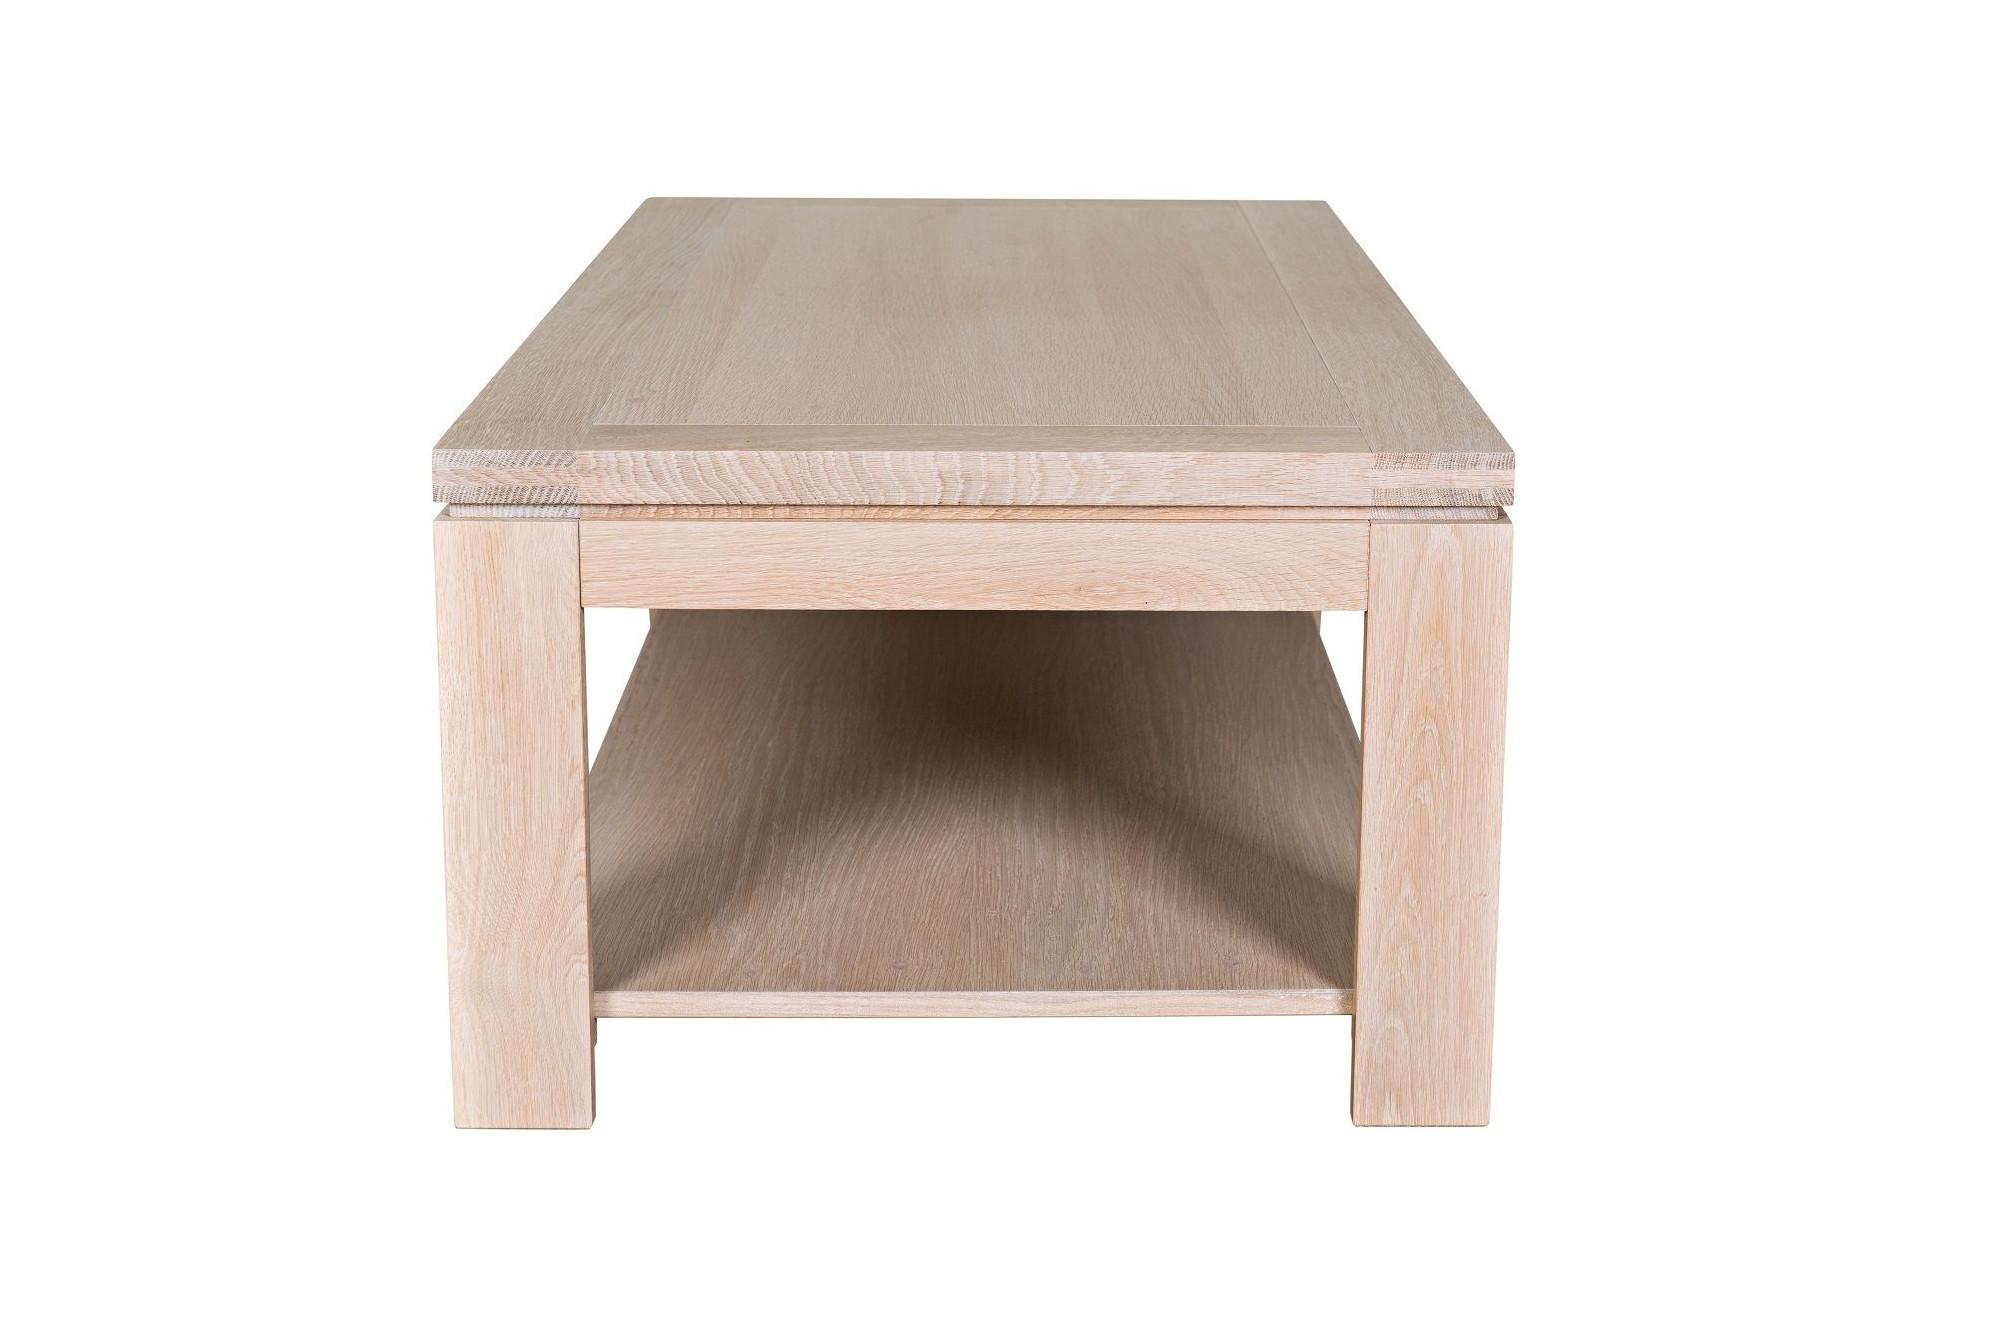 6de949afff8ac Table basse rectangulaire BOSTON - bois chêne blanchi massif. Appuyez pour  agrandir